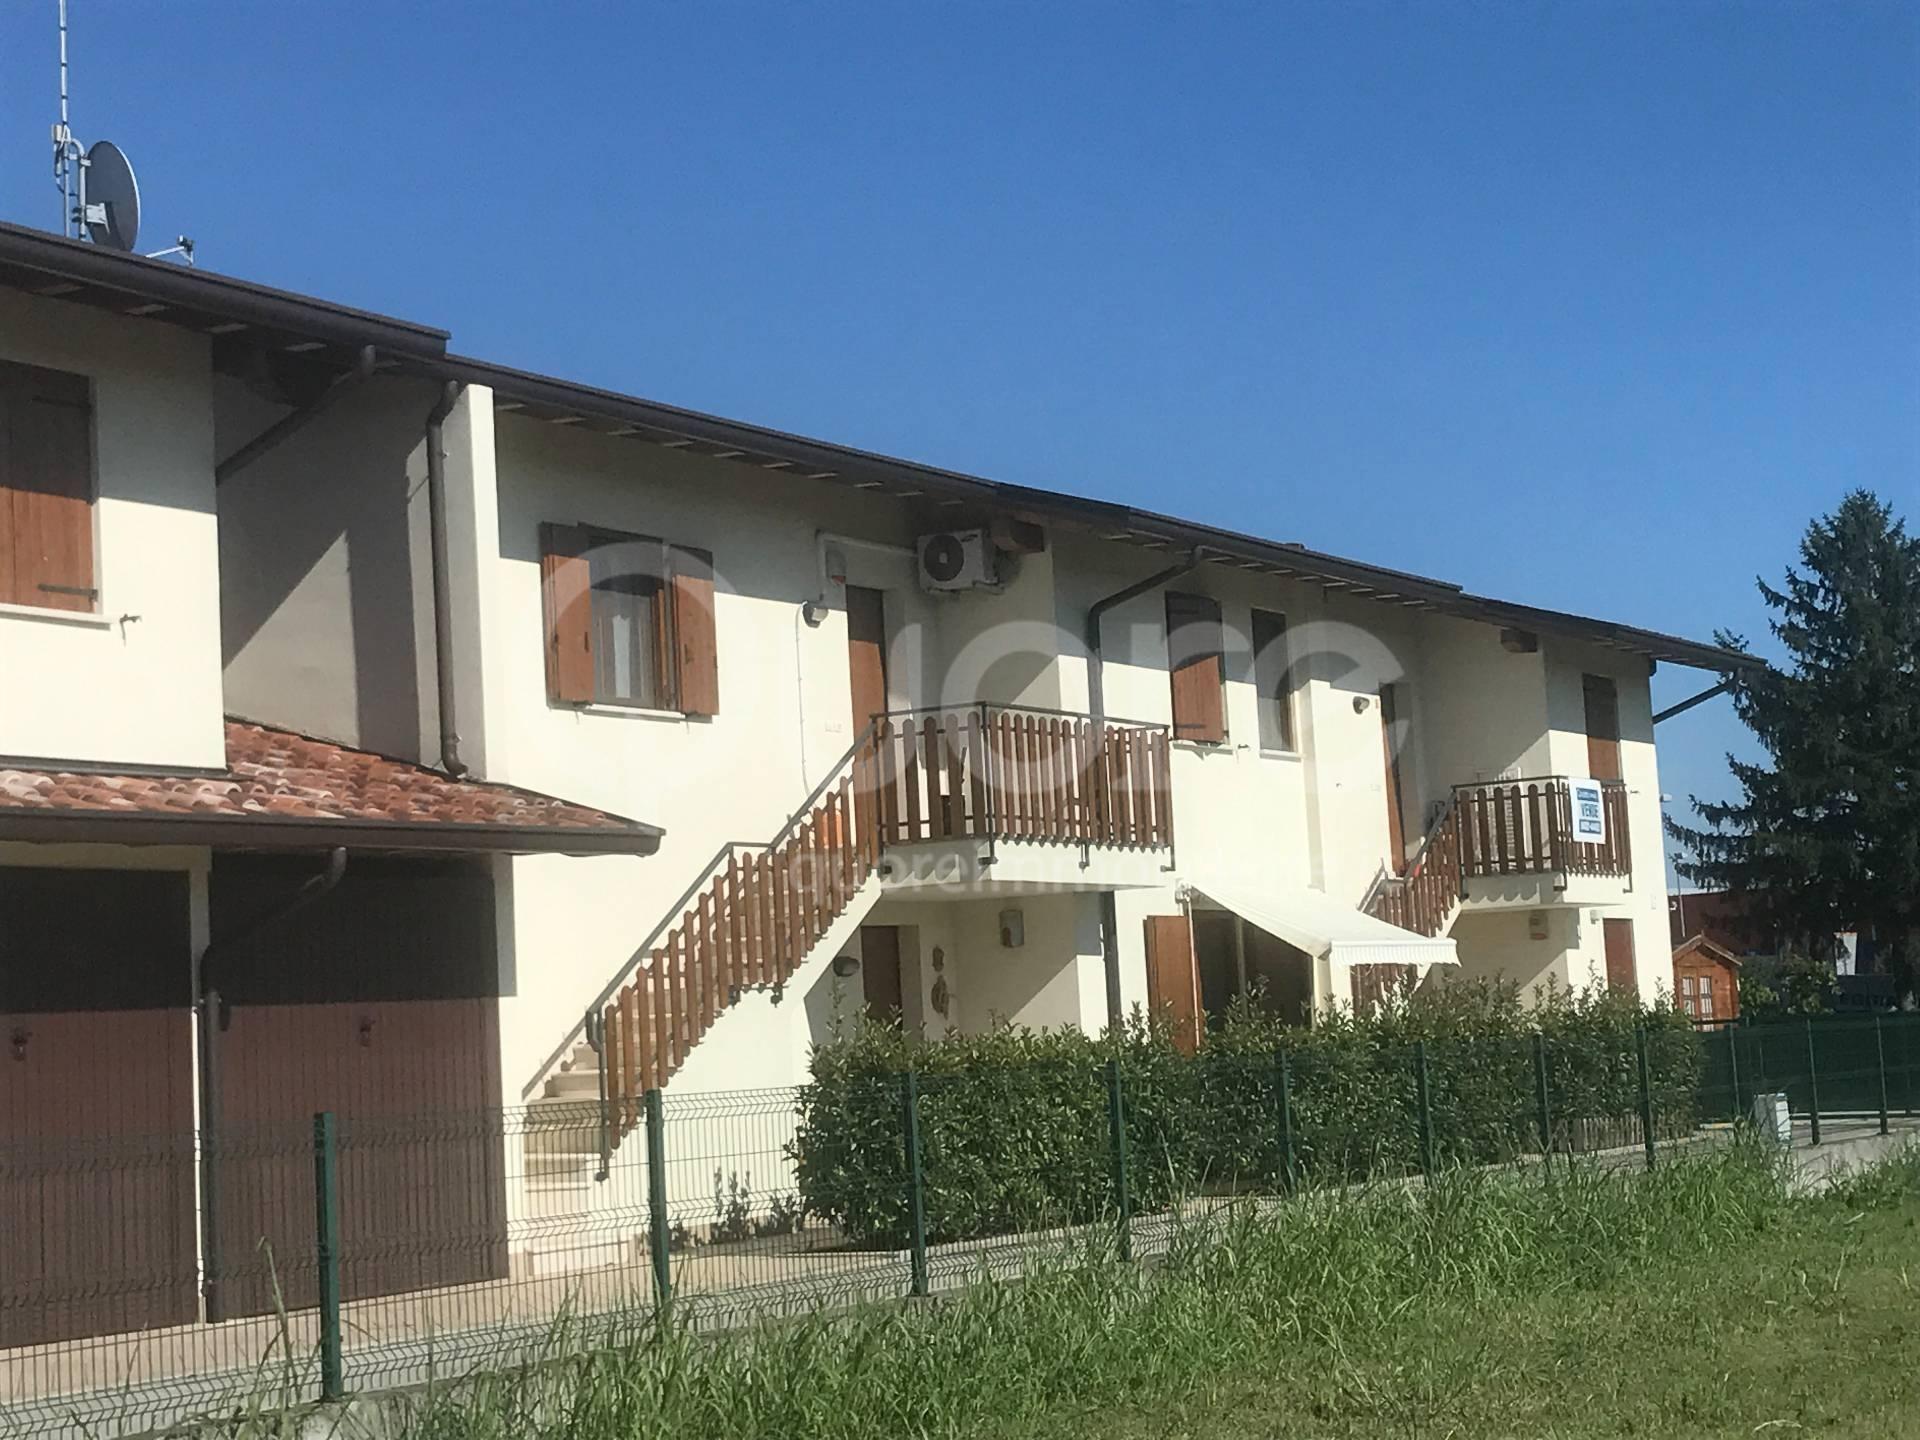 Appartamento in vendita a Martignacco, 4 locali, prezzo € 147.000 | CambioCasa.it